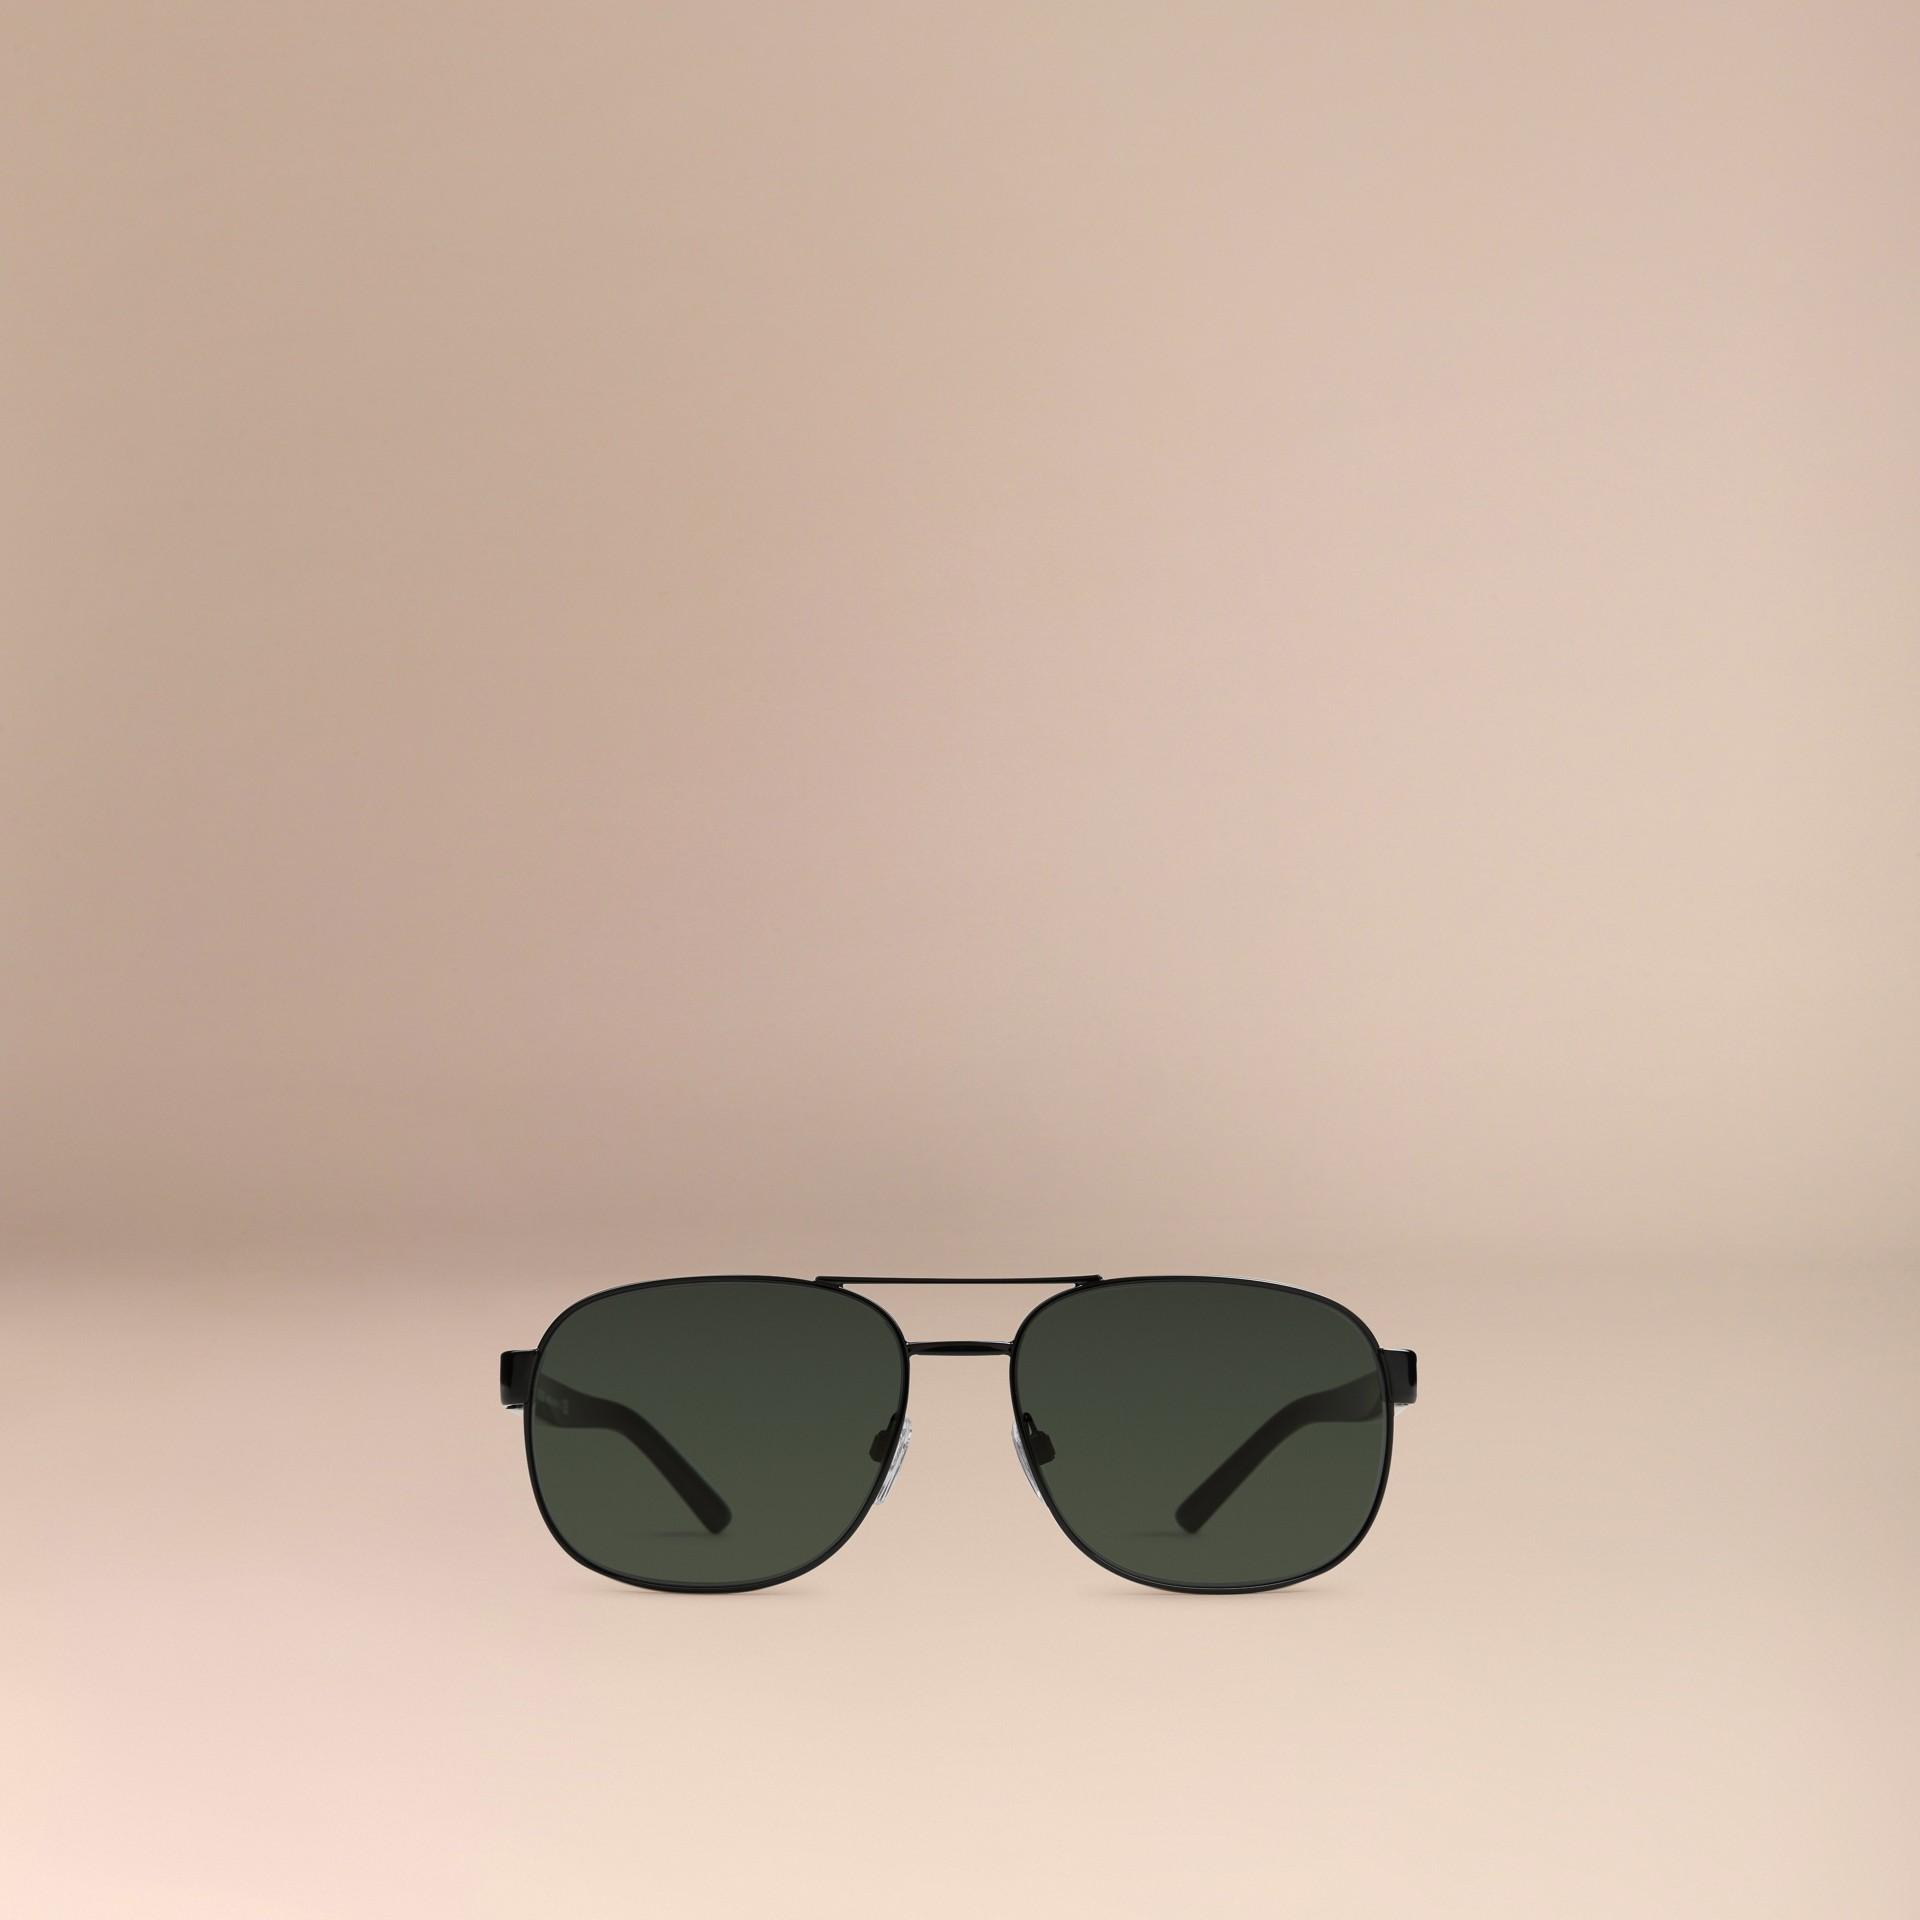 Nero lucido Occhiali da sole stile aviatore con montatura quadrata Nero Lucido - immagine della galleria 3